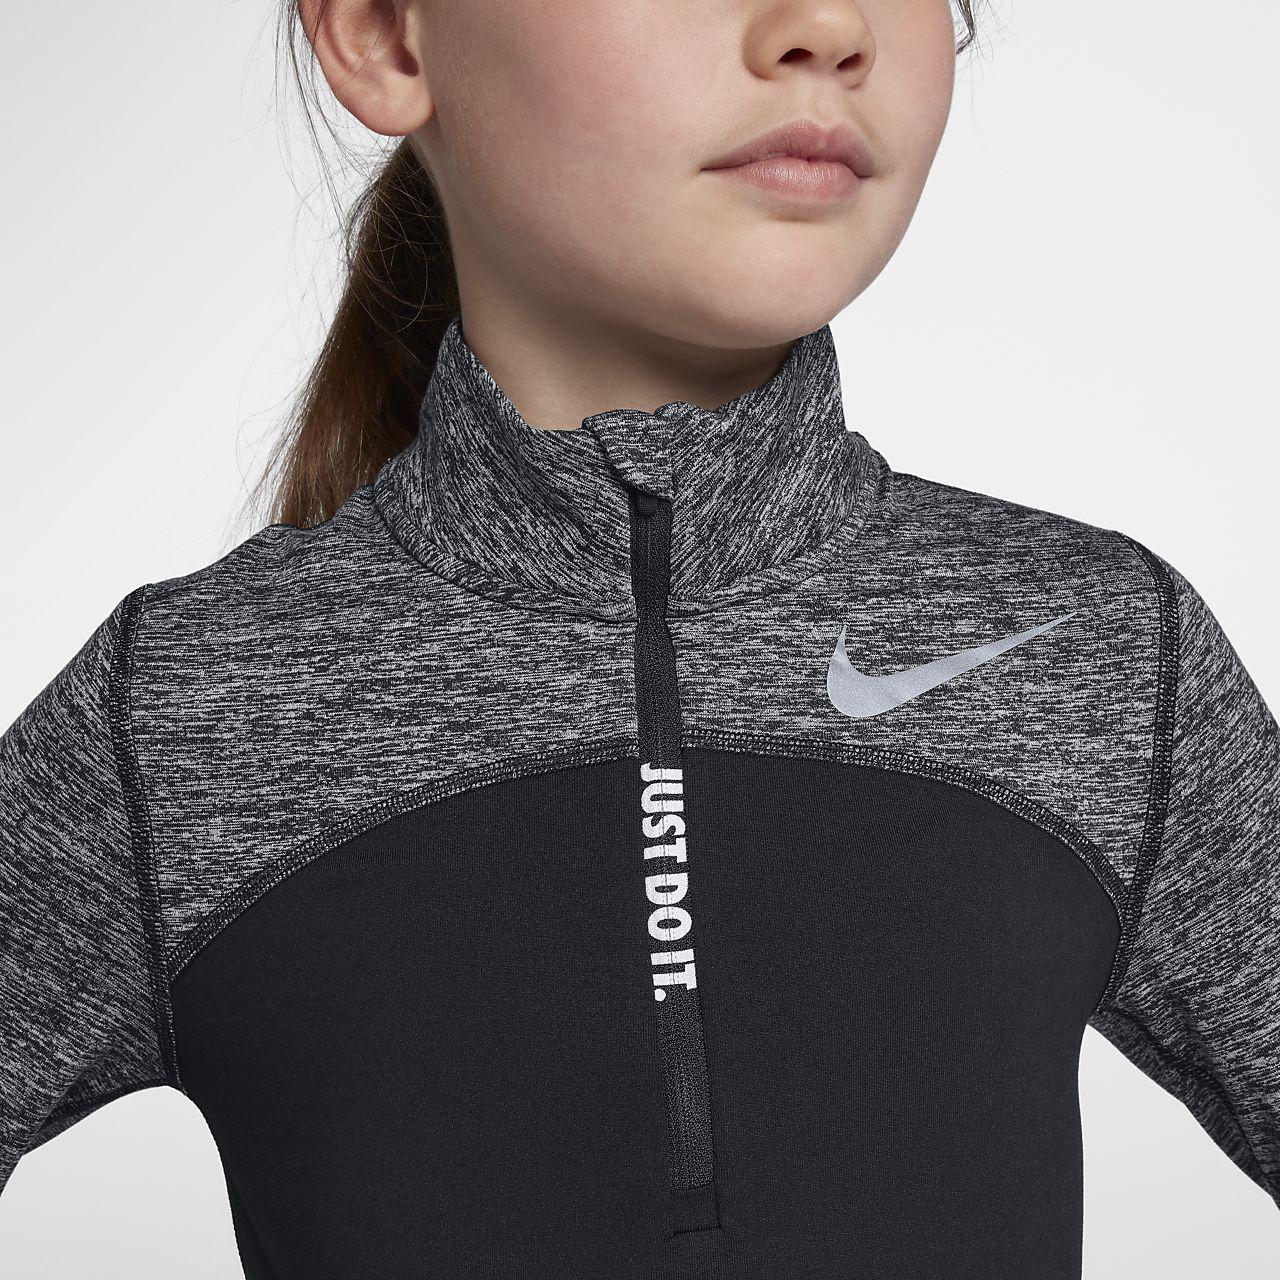 384f66149142 Nike Dri-FIT Element Big Kids  (Girls ) Half-Zip Running Top. Nike.com